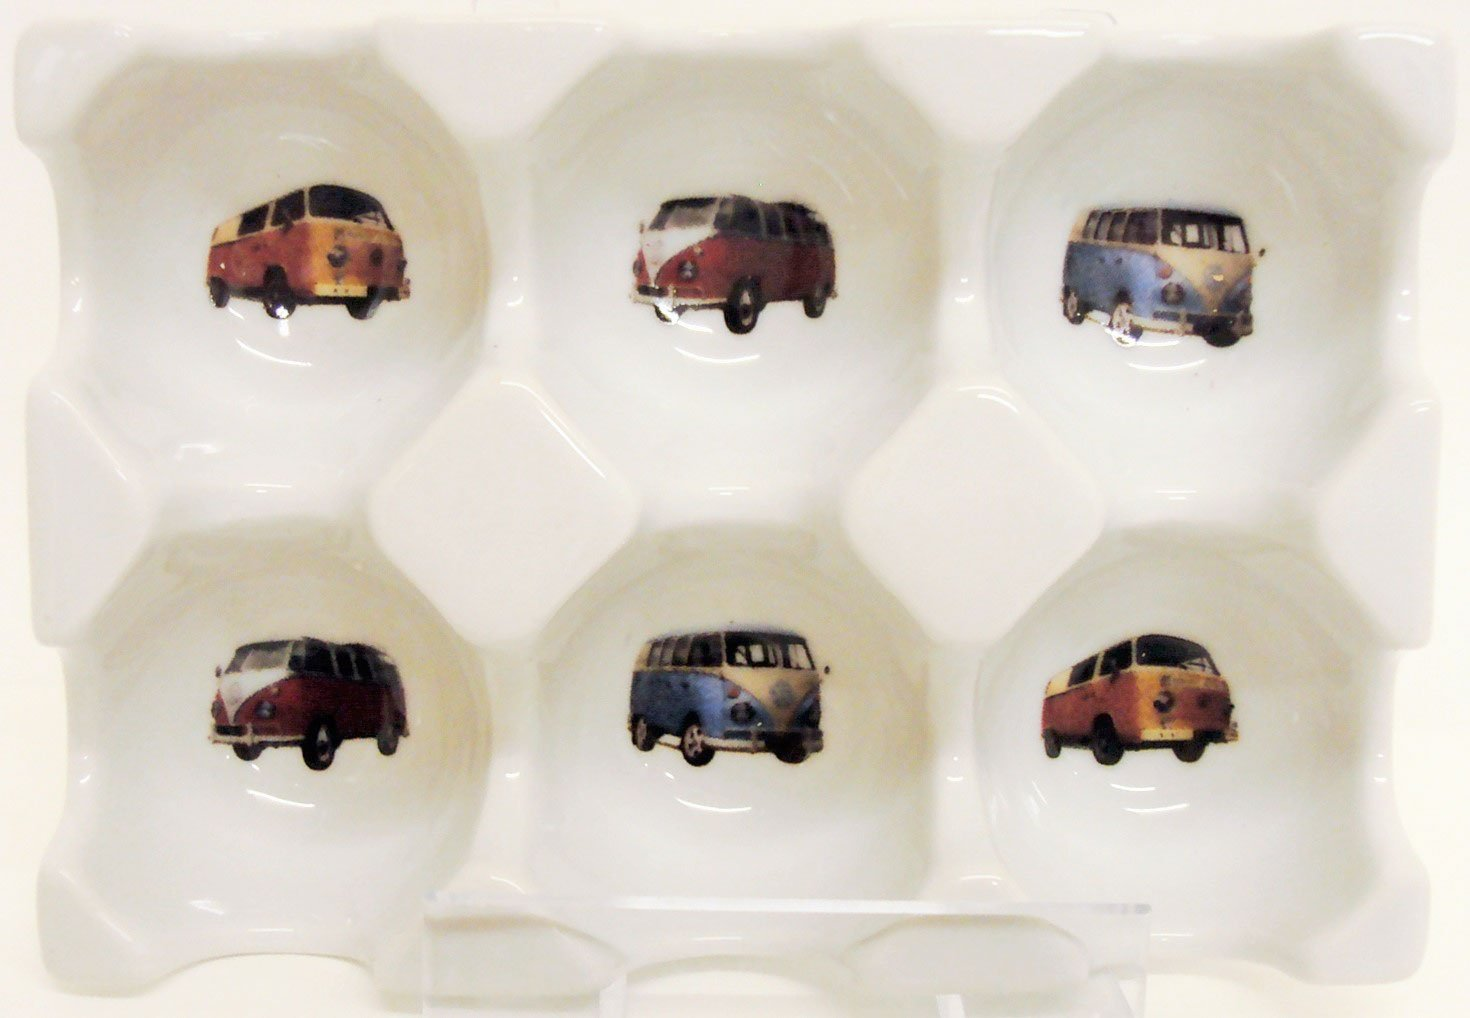 De furgoneta 6 soporte para huevos bandeja de almacenamiento para ...